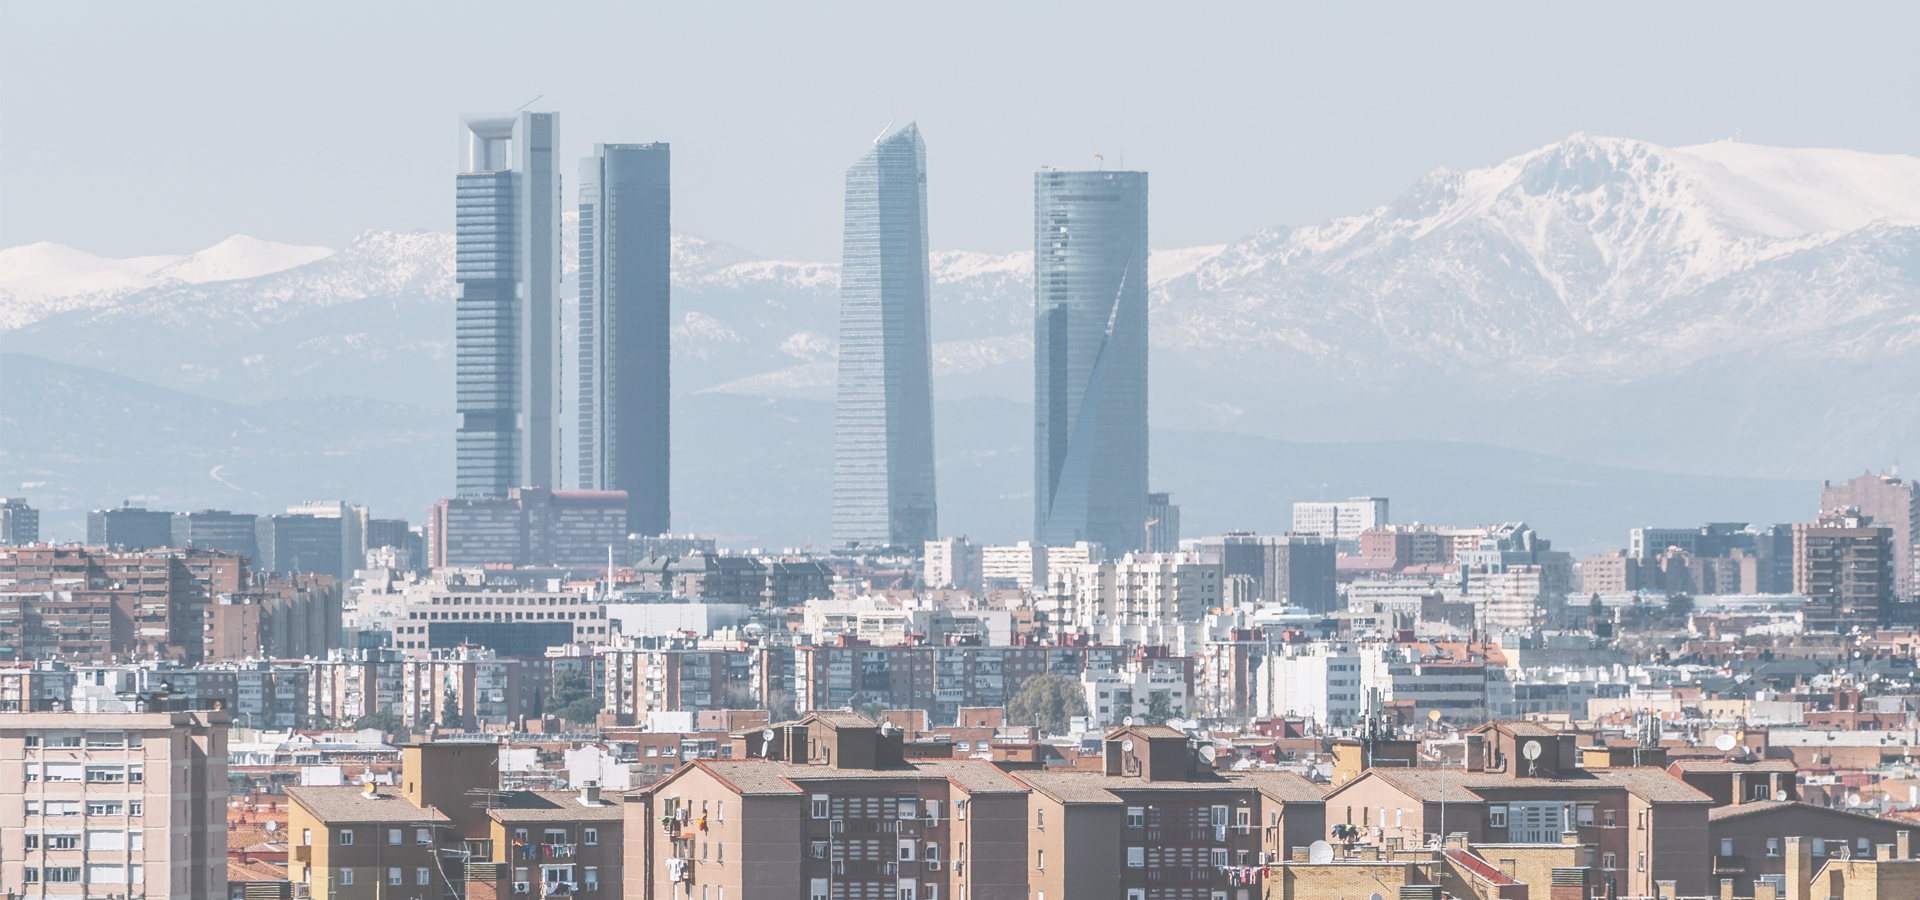 Peer-to-peer advisory in Madrid, Spain